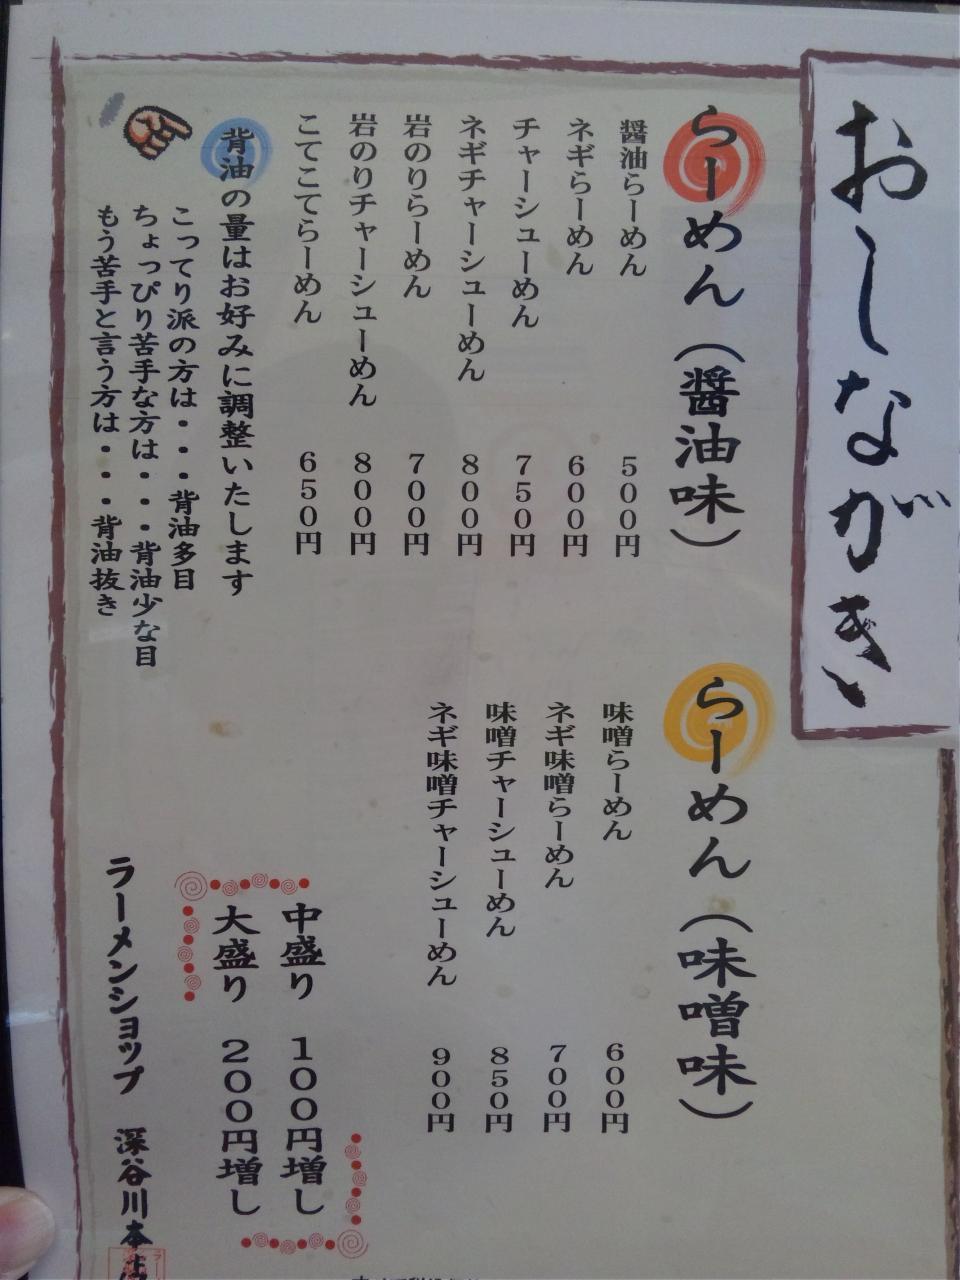 ラーショ川本12